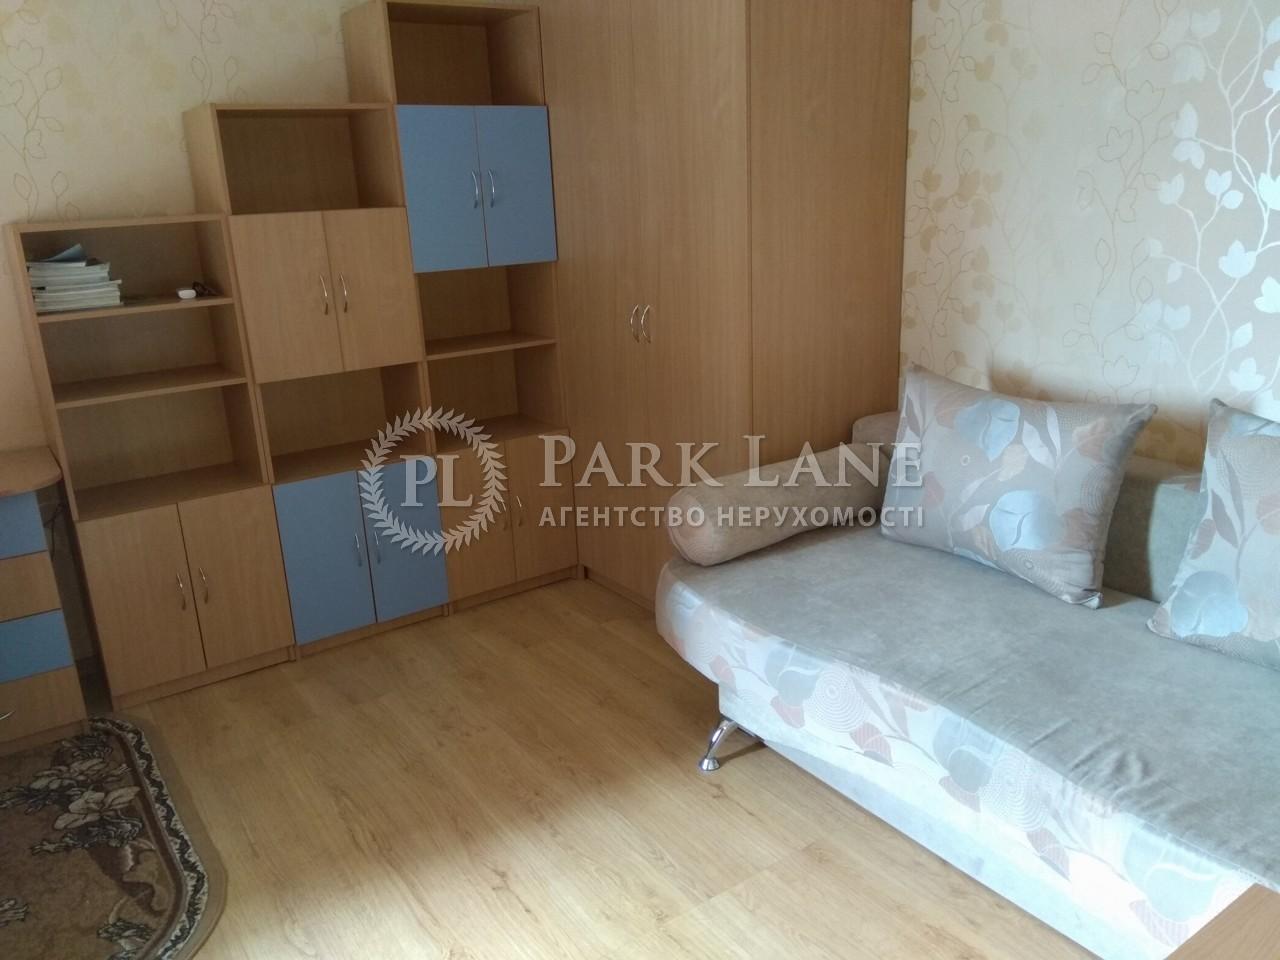 Квартира ул. Приречная, 31, Киев, L-24555 - Фото 8